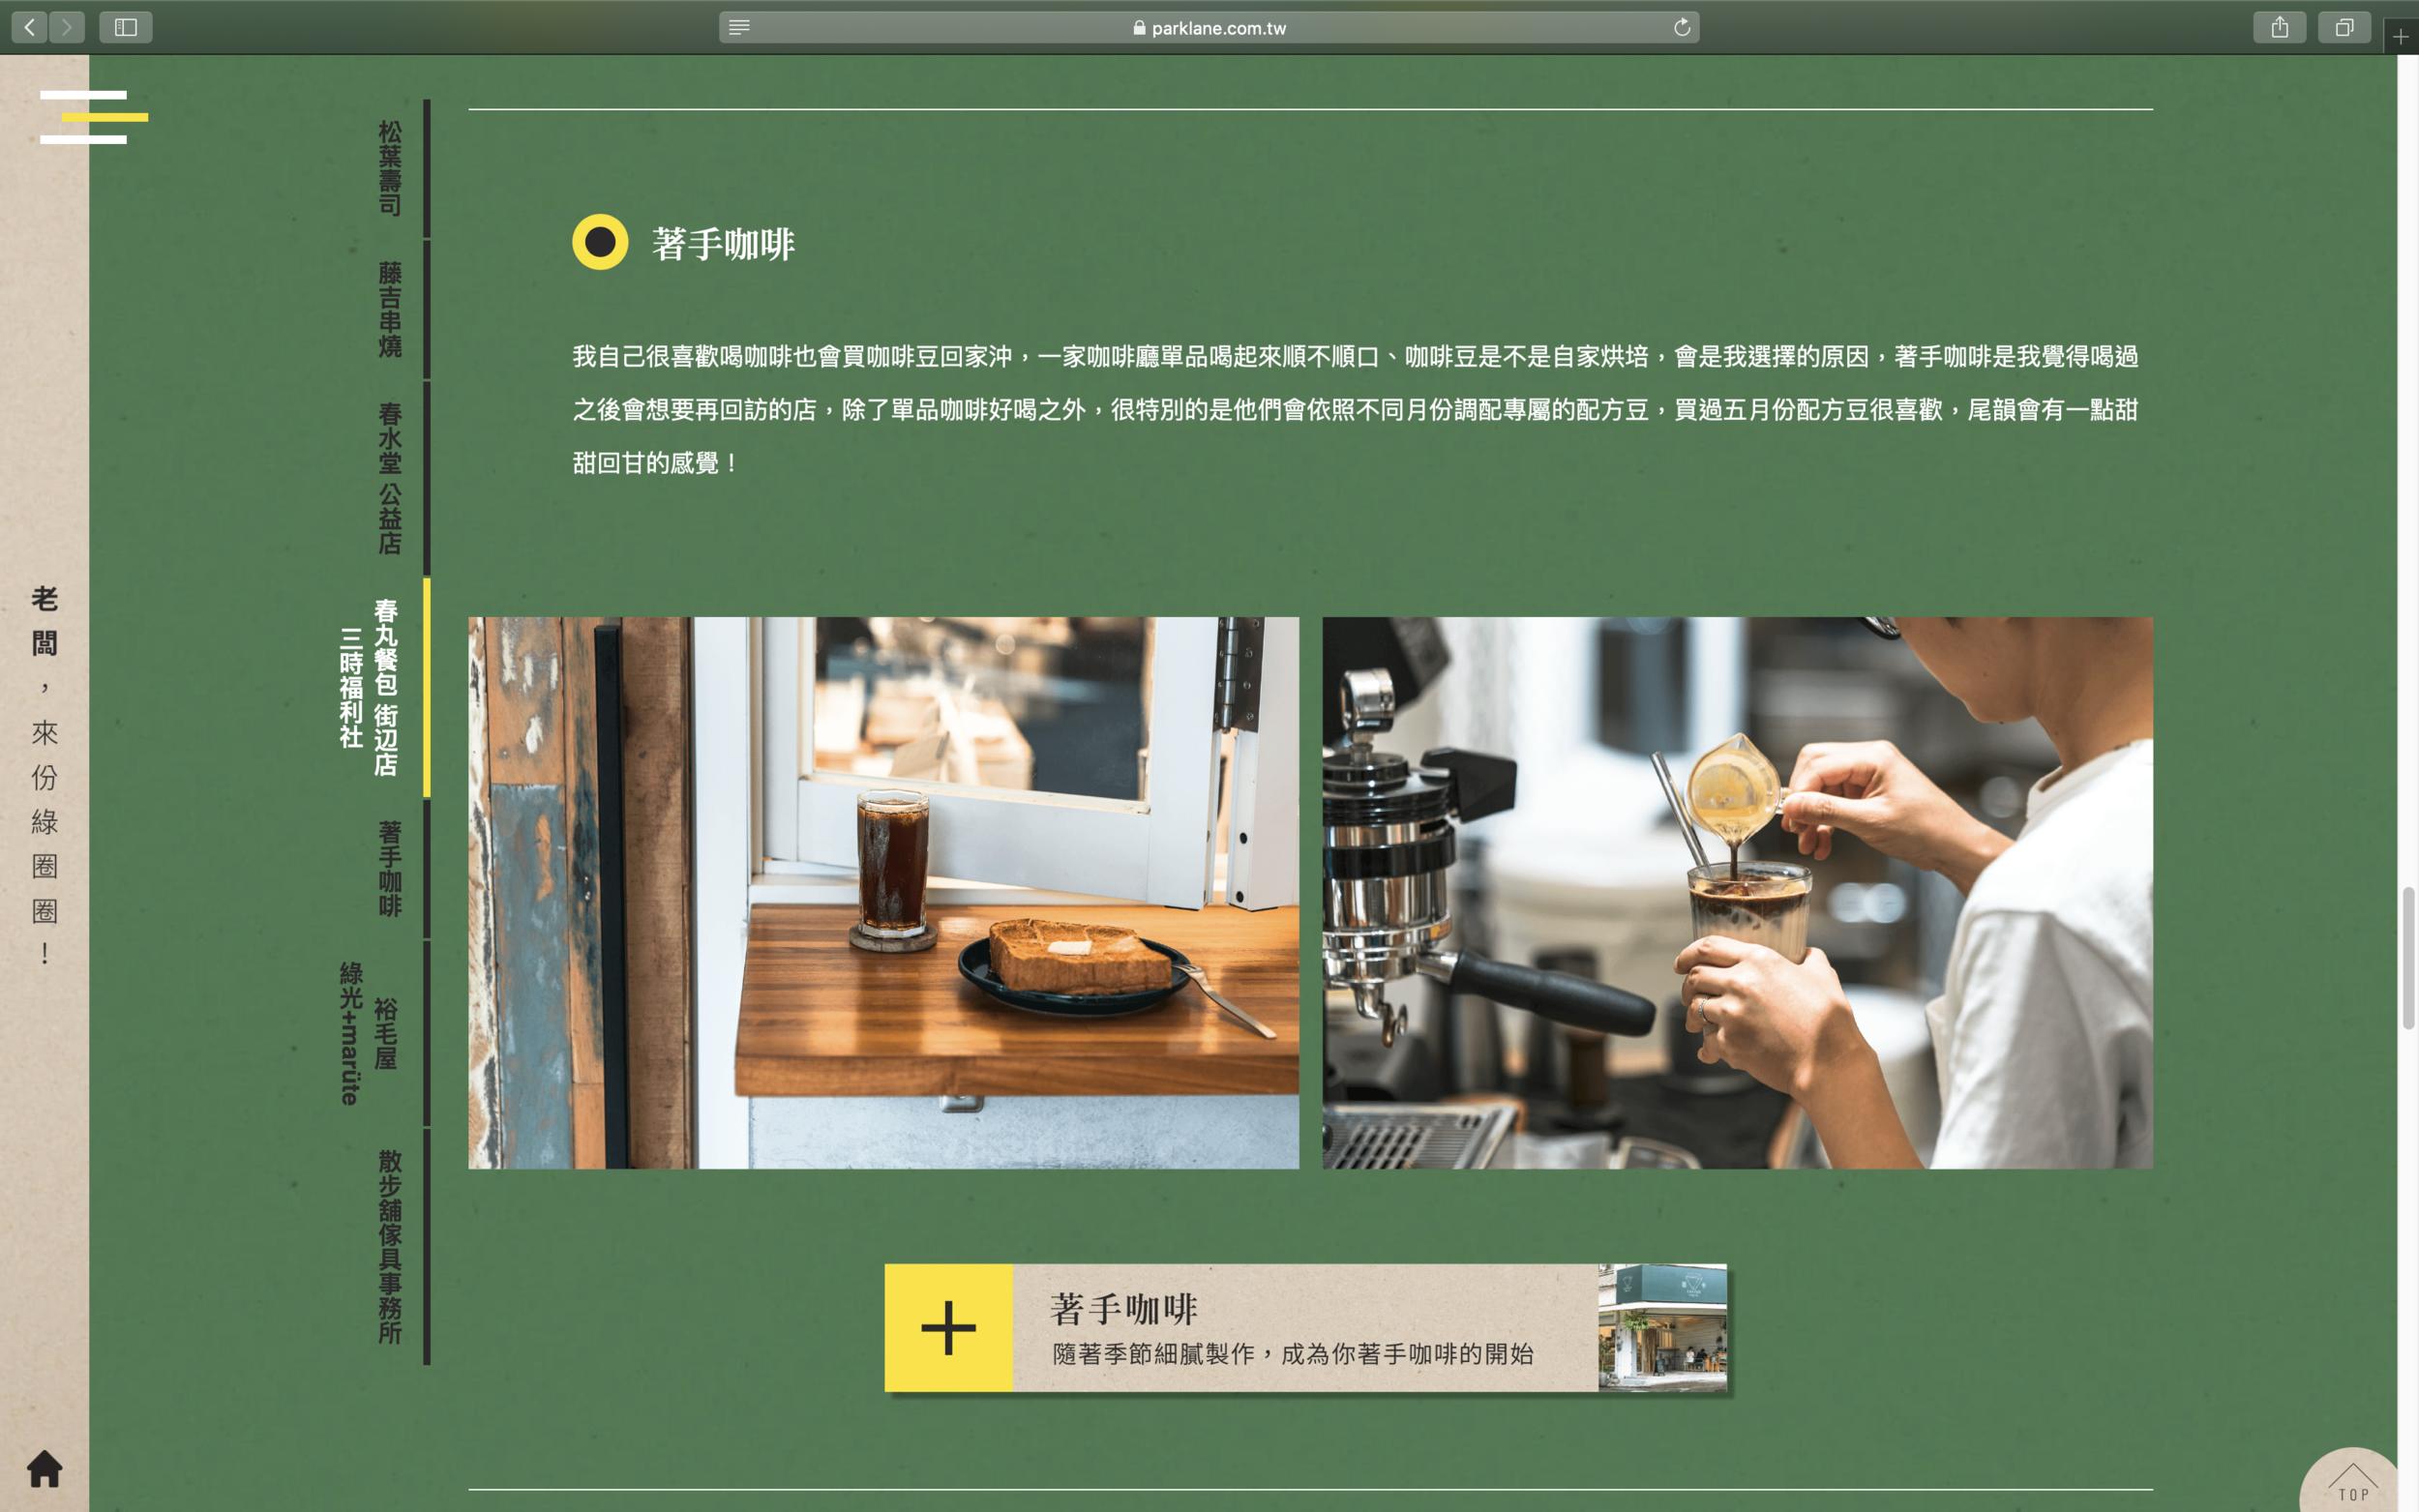 綠圈圈企劃_Web1.png